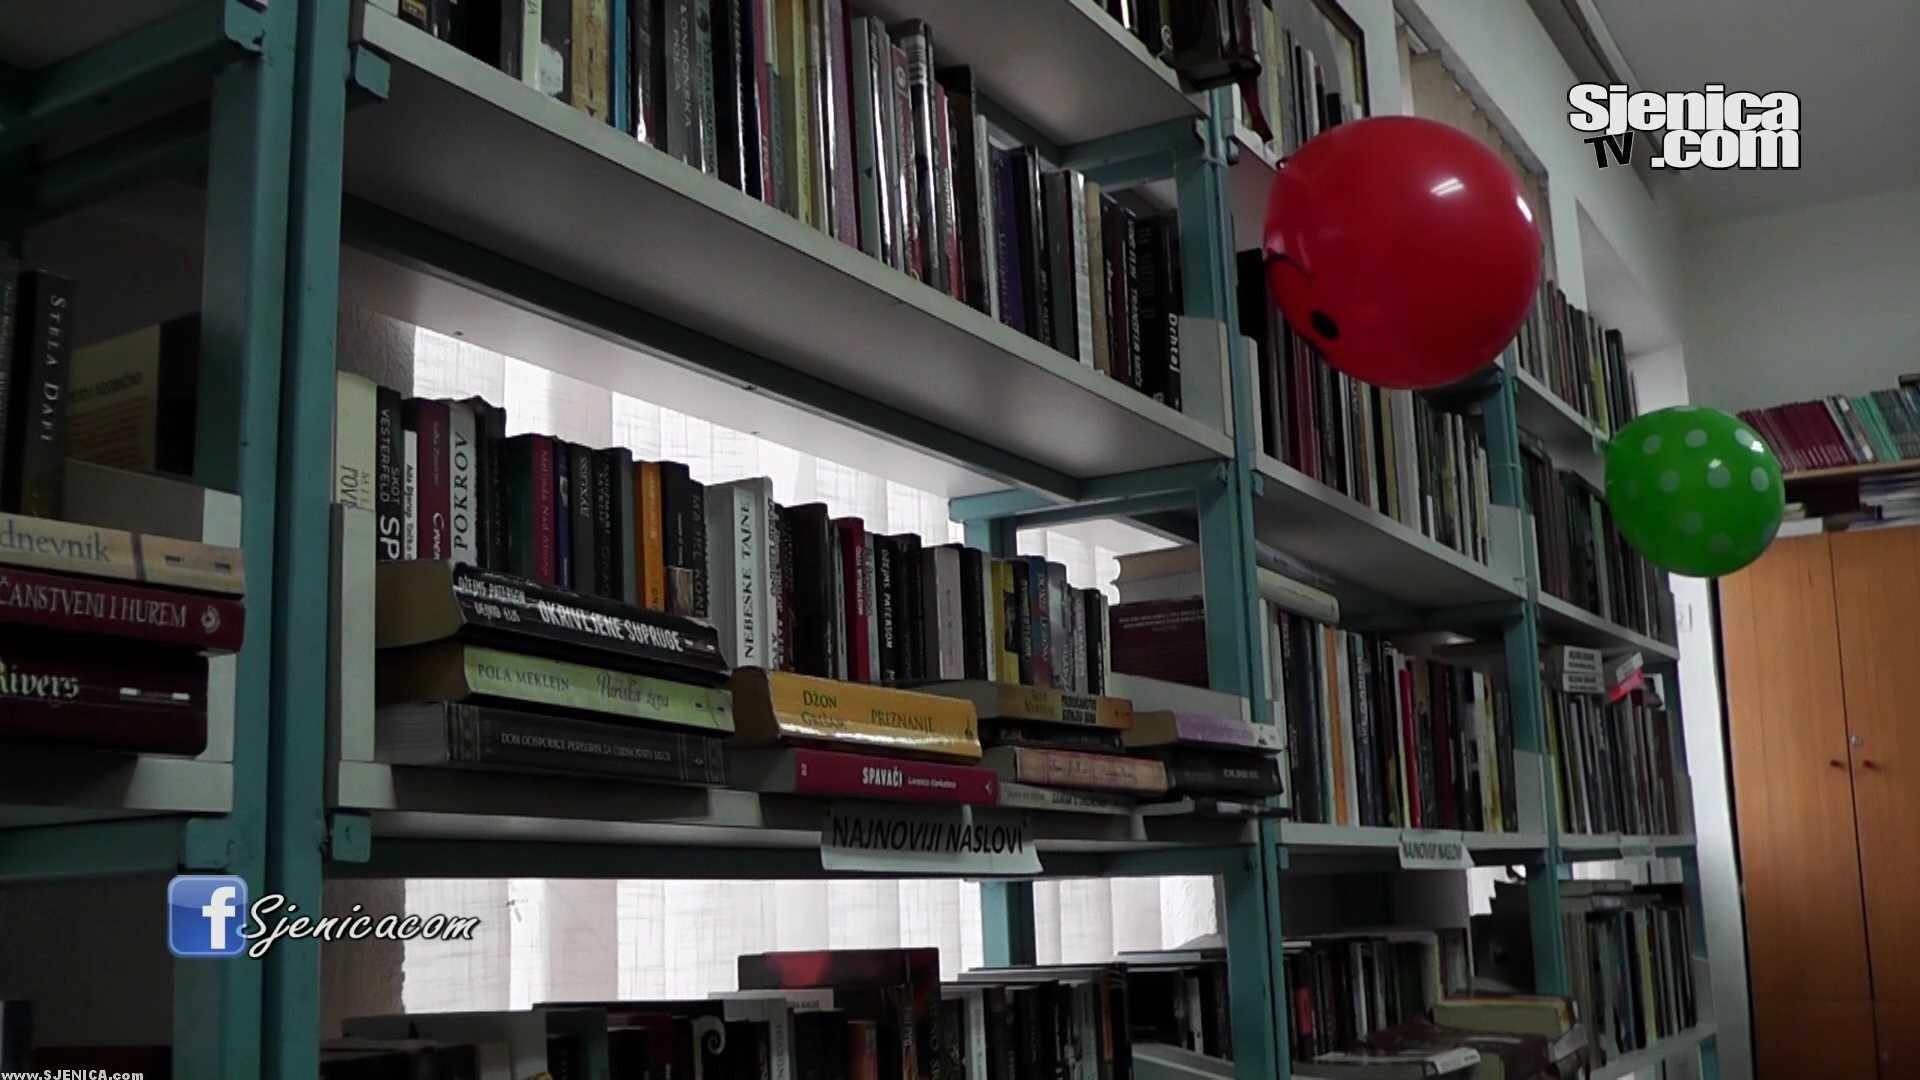 Edina Hamidovic - Direktorka biblioteke Muhamed Abdagic - Izjava - Sjenica - Decembar 2015.